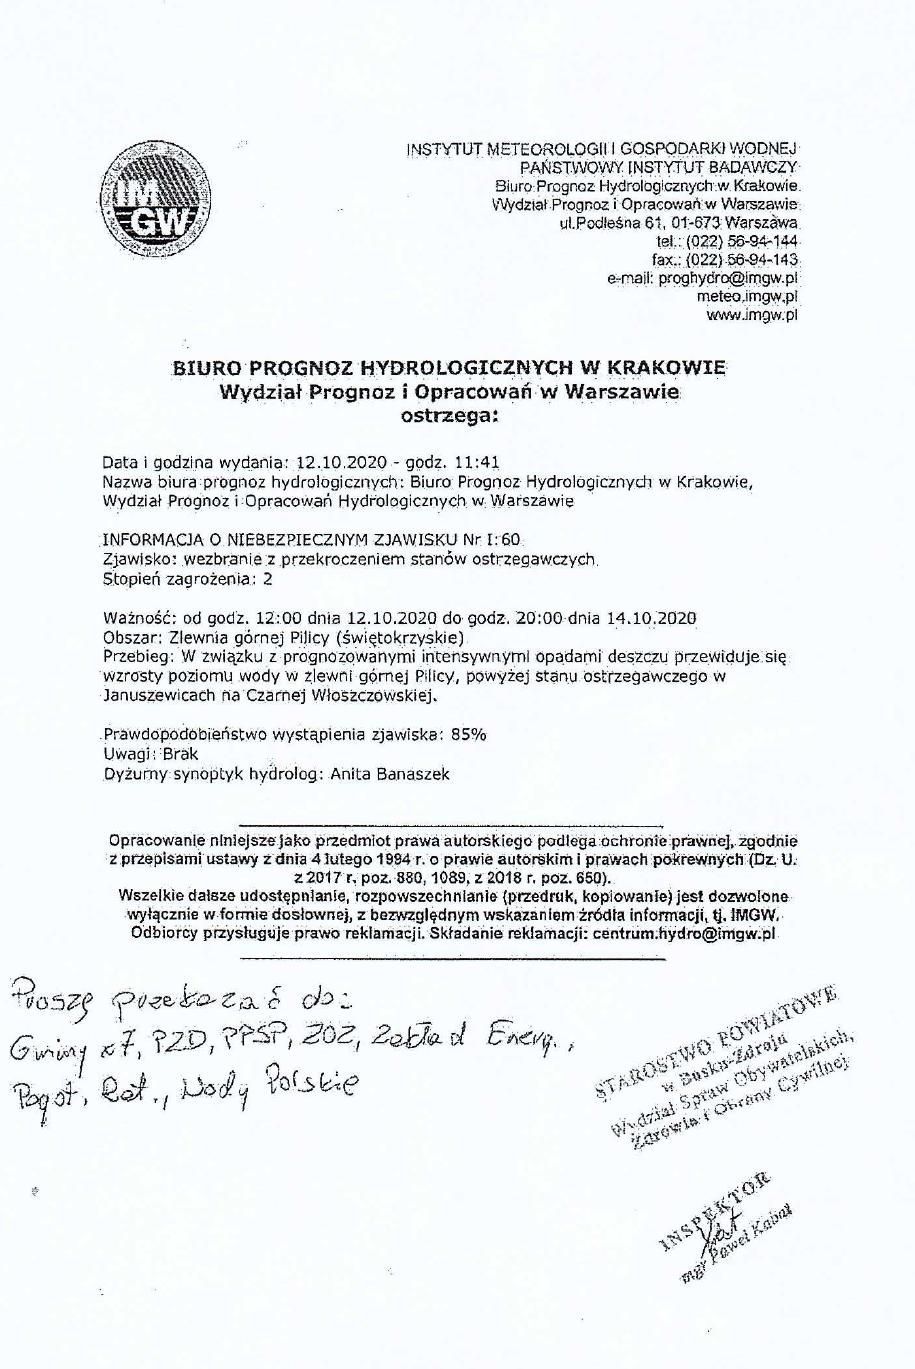 ostrzezenie_stany_hydrologiczne_12_10_2020.png